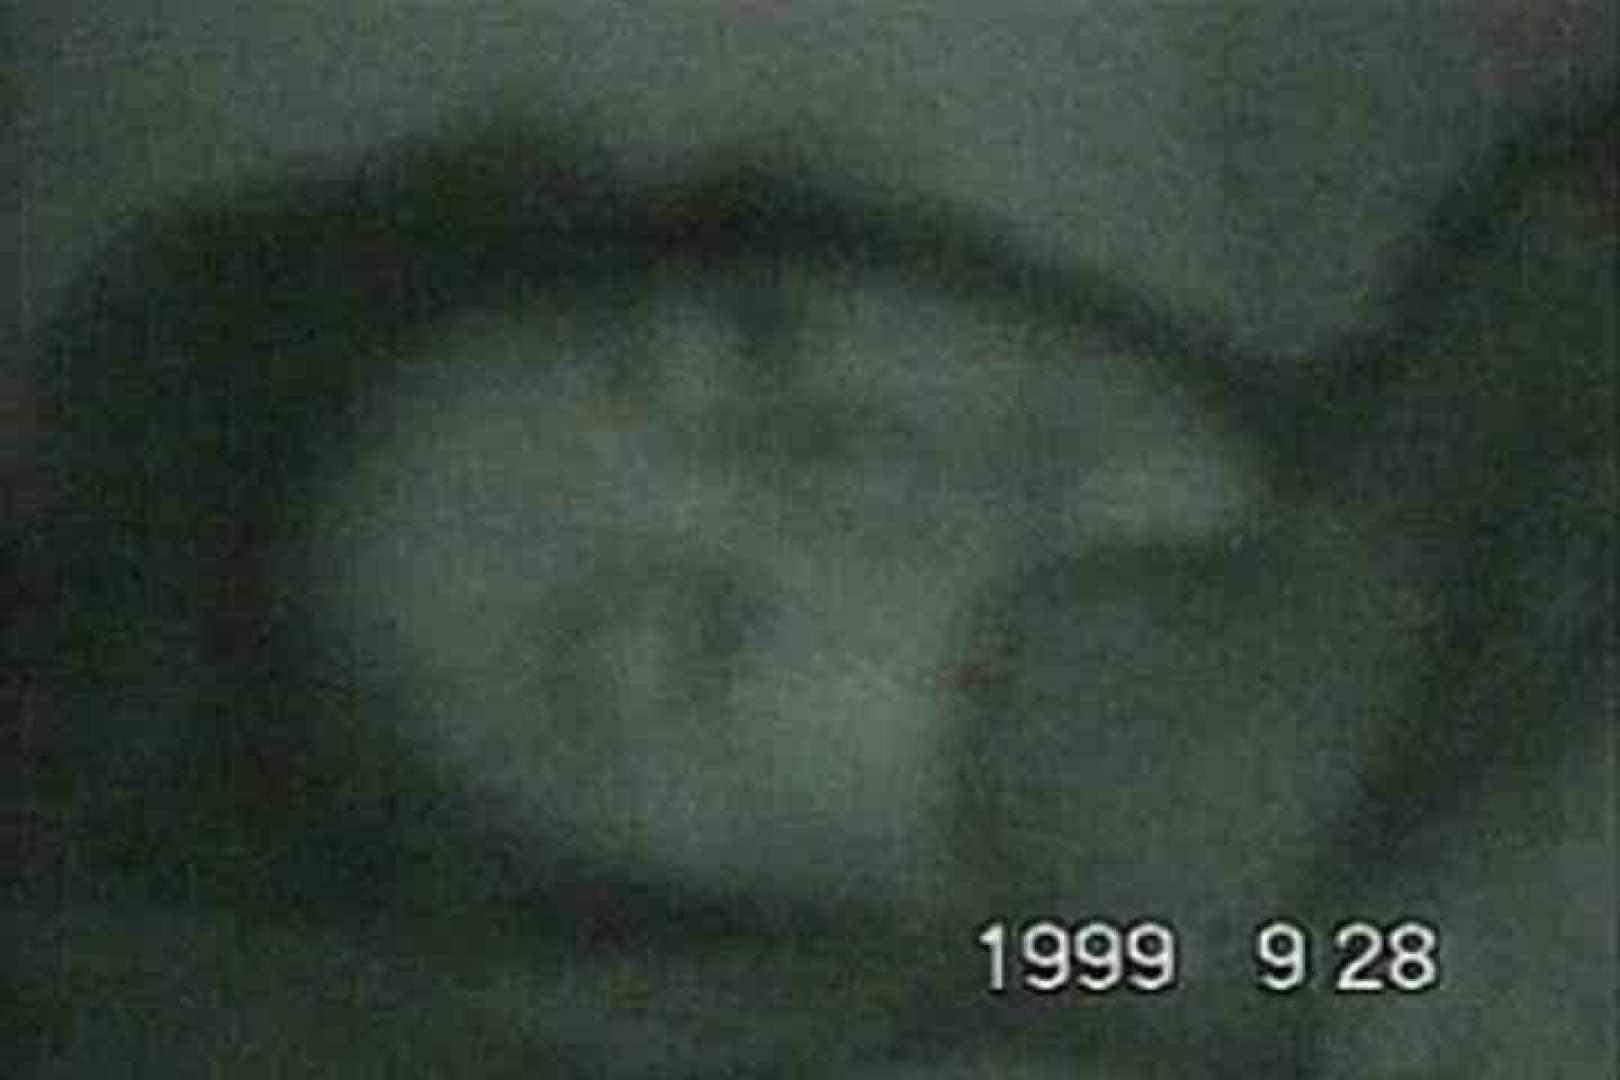 蔵出し!!赤外線カーセックスVol.17 カーセックス オマンコ動画キャプチャ 83pic 17